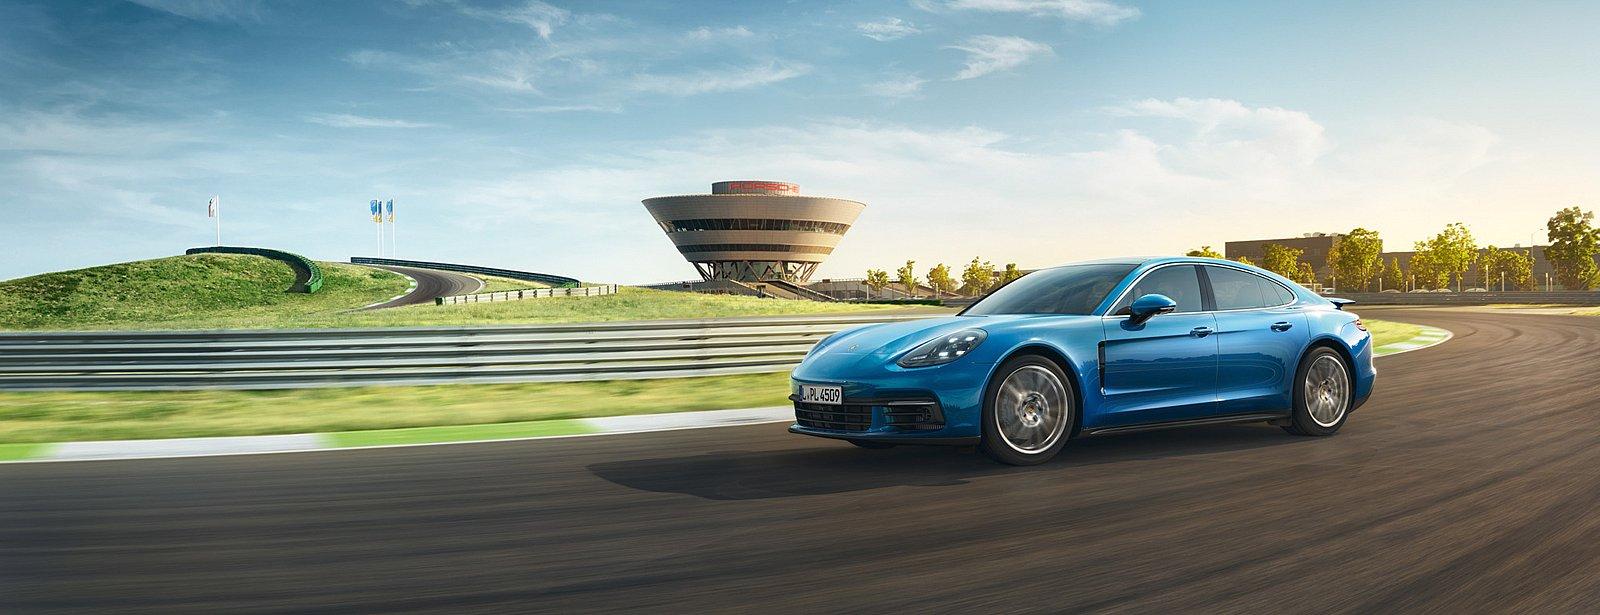 Karriere Bei Porsche Leipzig Jetzt Bewerben 9